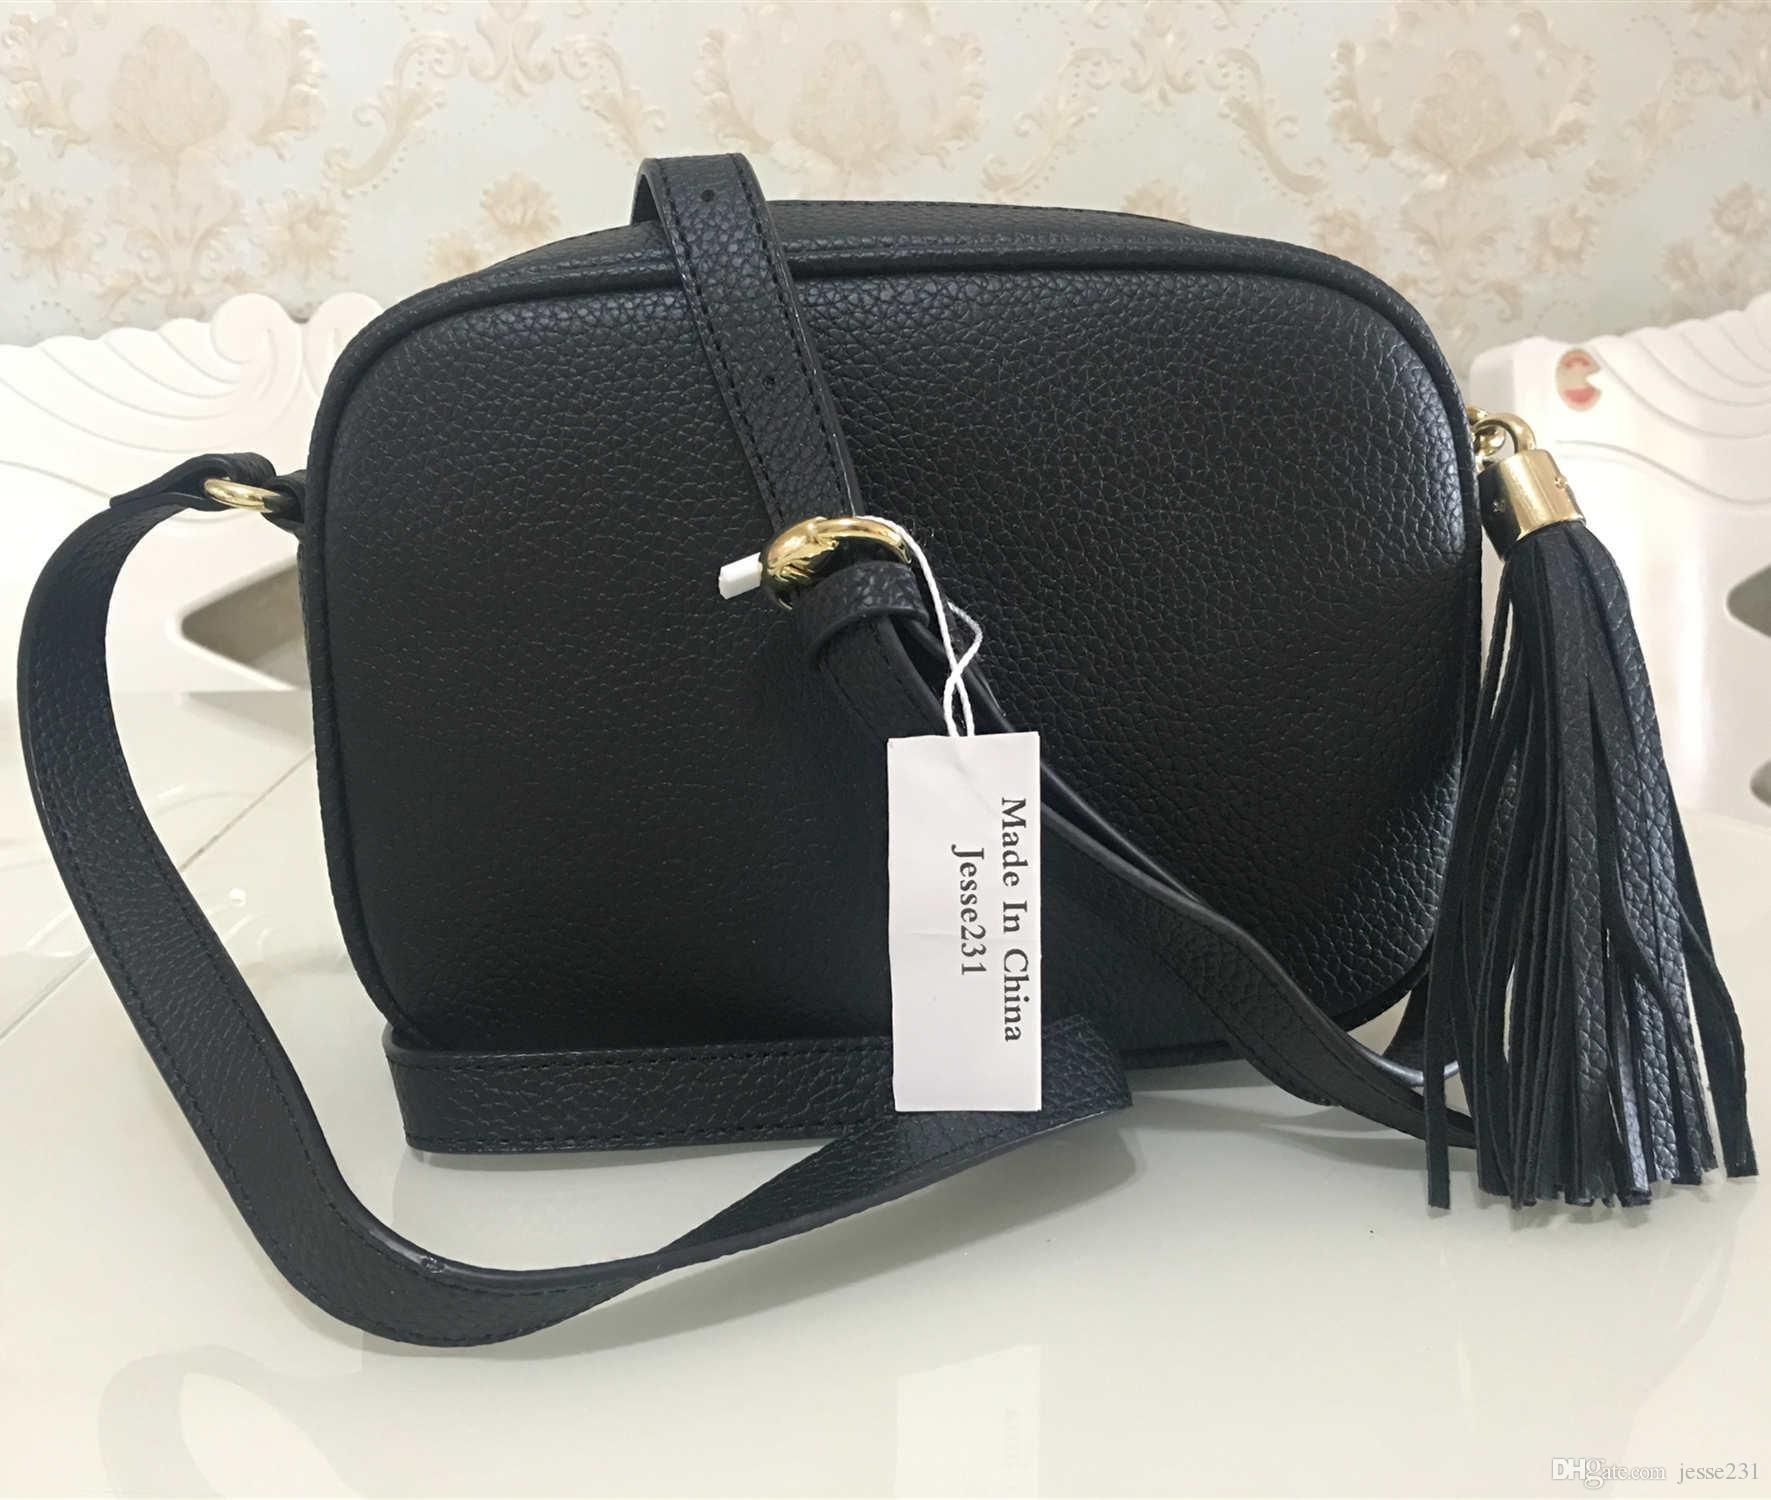 Yüksek Kaliteli kadın Cüzdan çanta Çantalar çanta Crossbody Soho Çanta Disko Omuz Çantası Saçaklı çanta Çanta